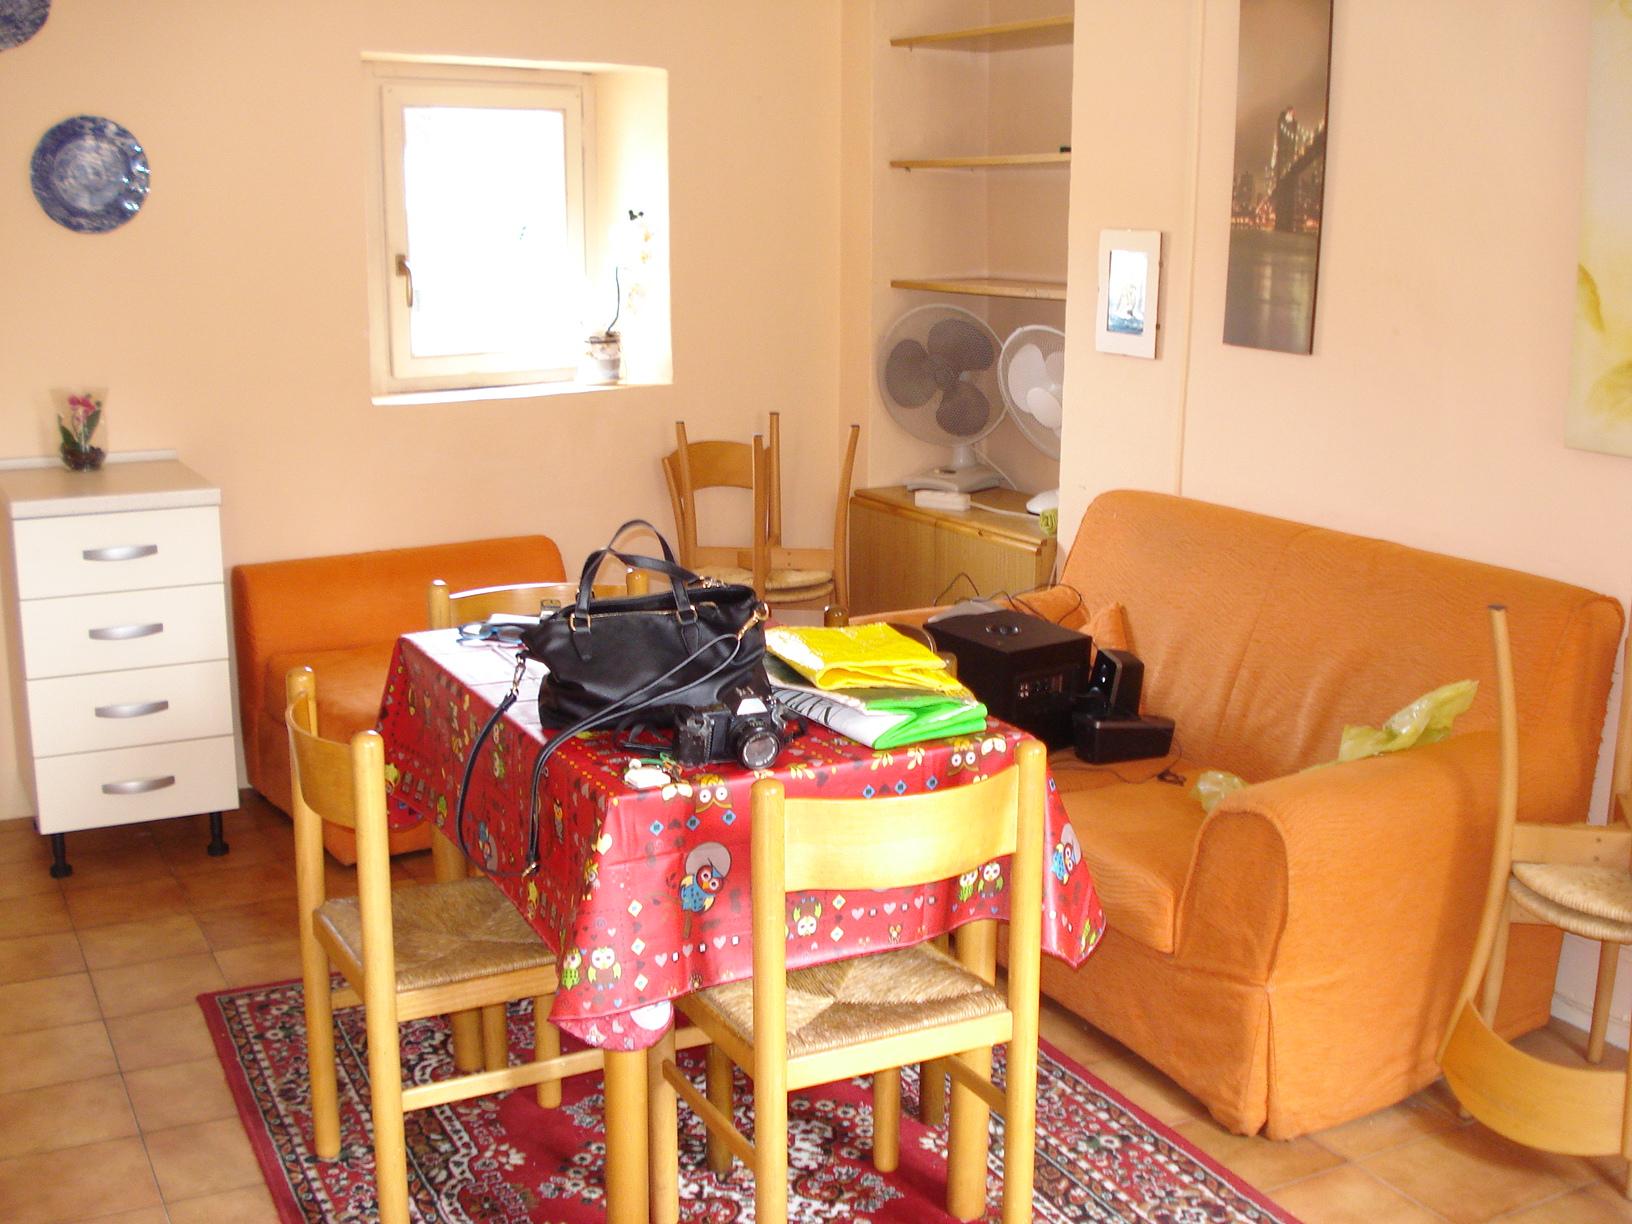 Appartamento in affitto a Biella, 2 locali, zona Zona: Centro, prezzo € 330 | Cambio Casa.it